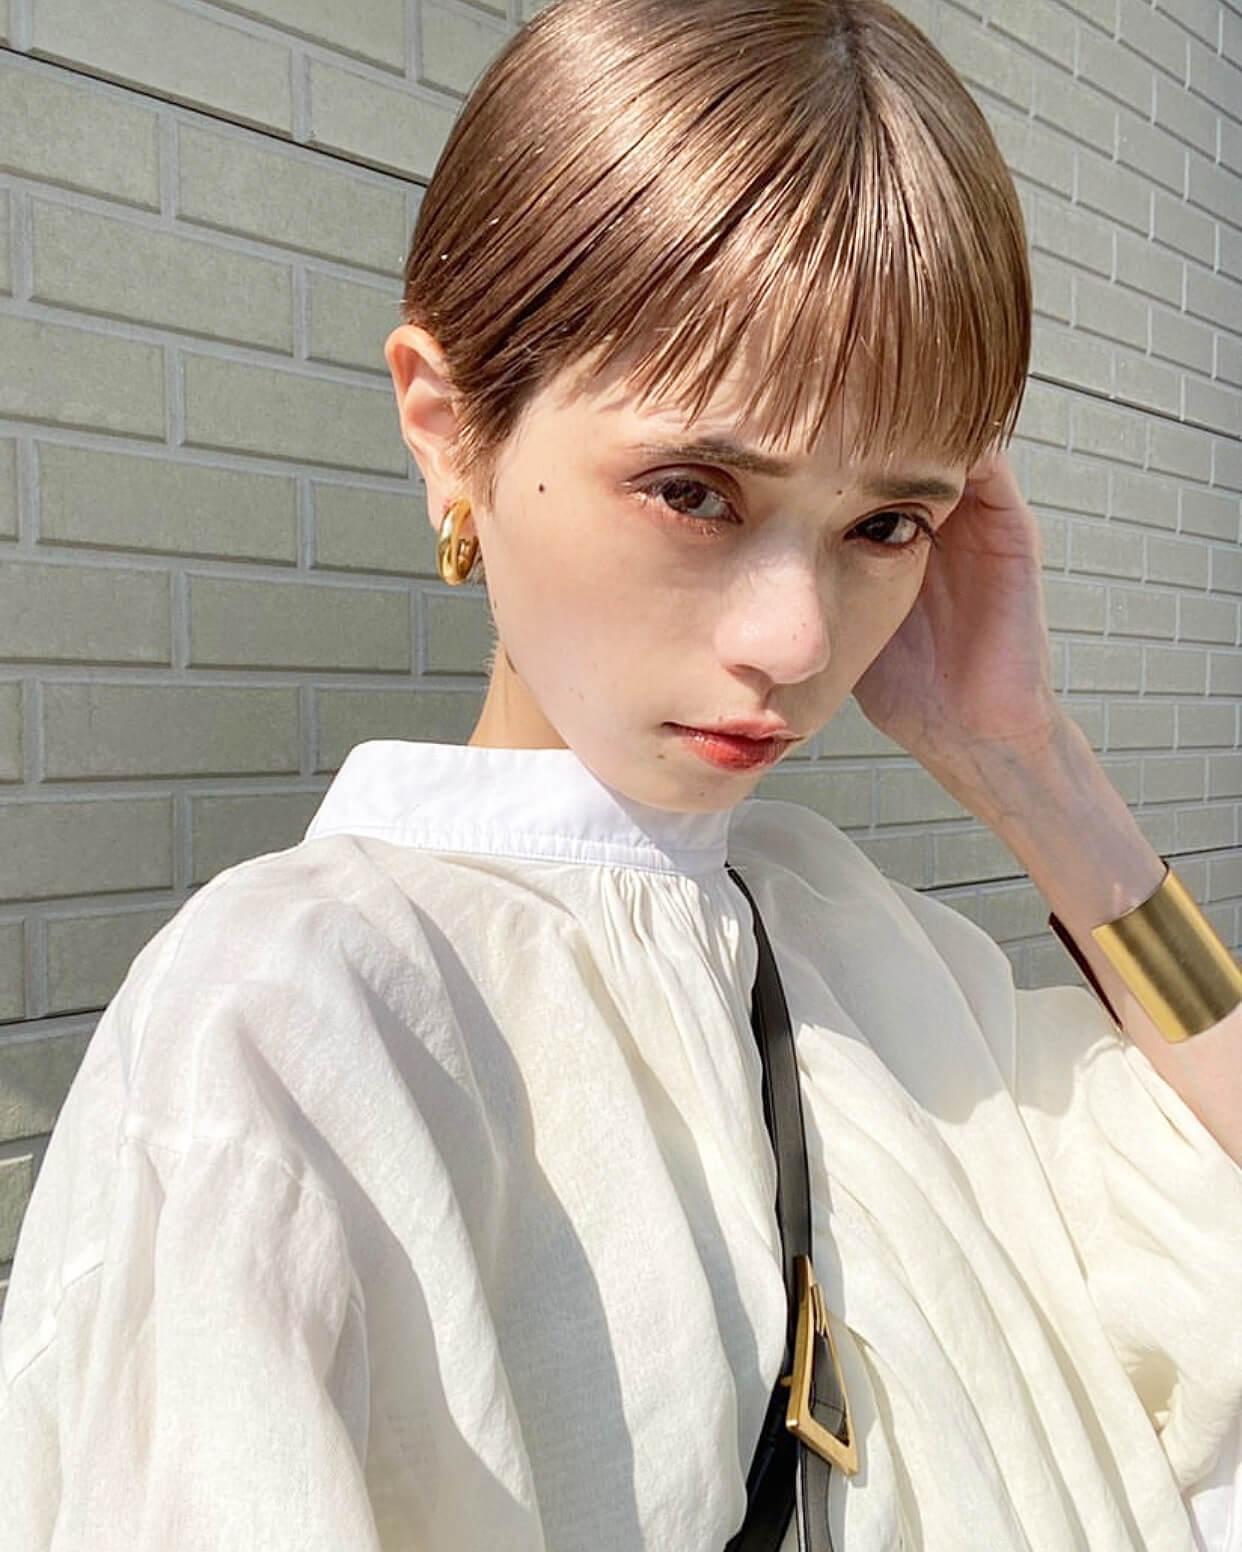 ハイトーンが似合うコンパクトショート 表参道の美容室SOIE (ソワ) スタイリスト柳原 弘樹の髪型